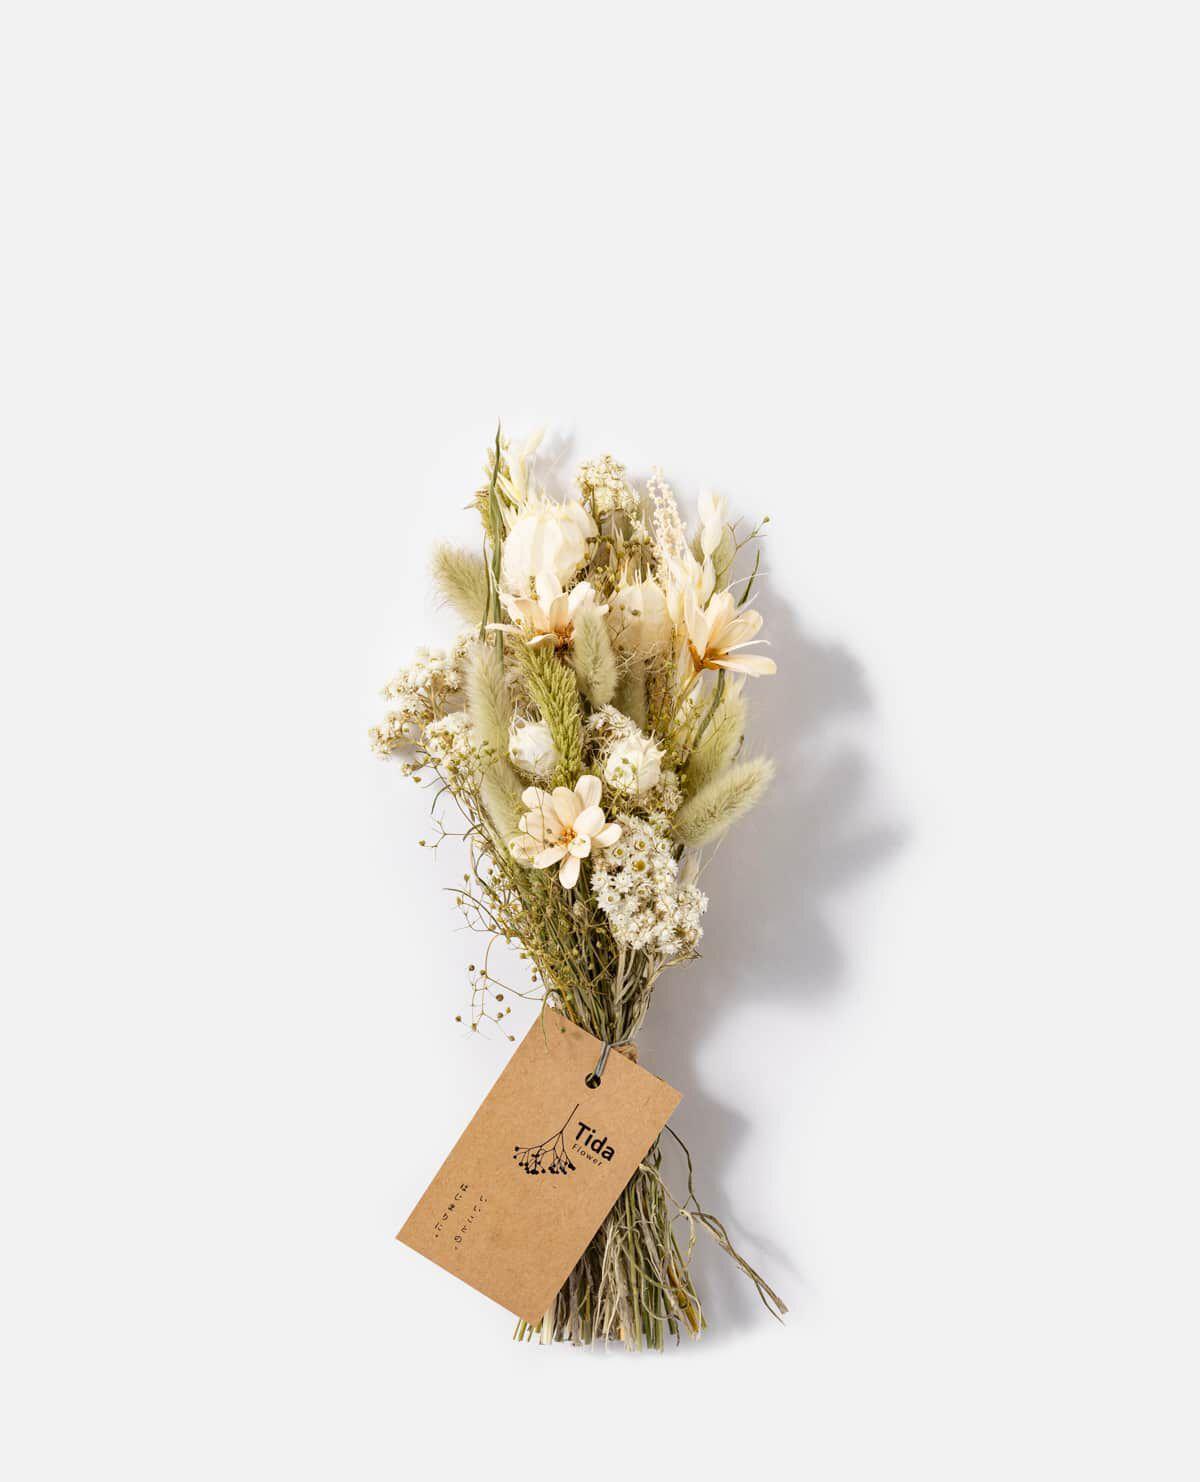 ホワイトグリーンミニスワッグ花材おまかせ【5/7(金)~9(日)届け ※日付指定不可】